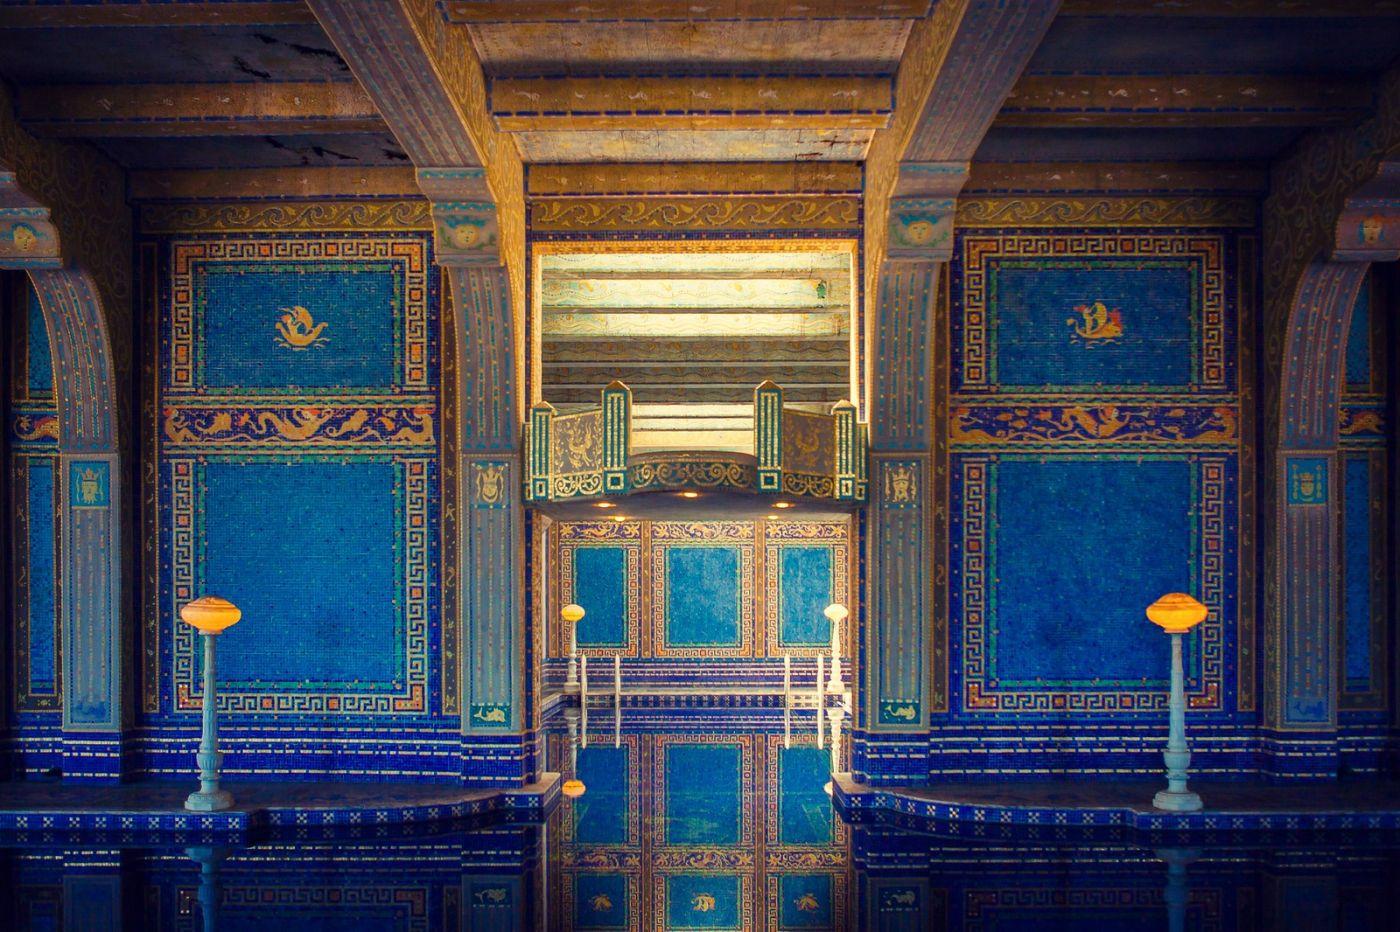 加州赫斯特城堡,主人的游泳池很开眼_图1-9